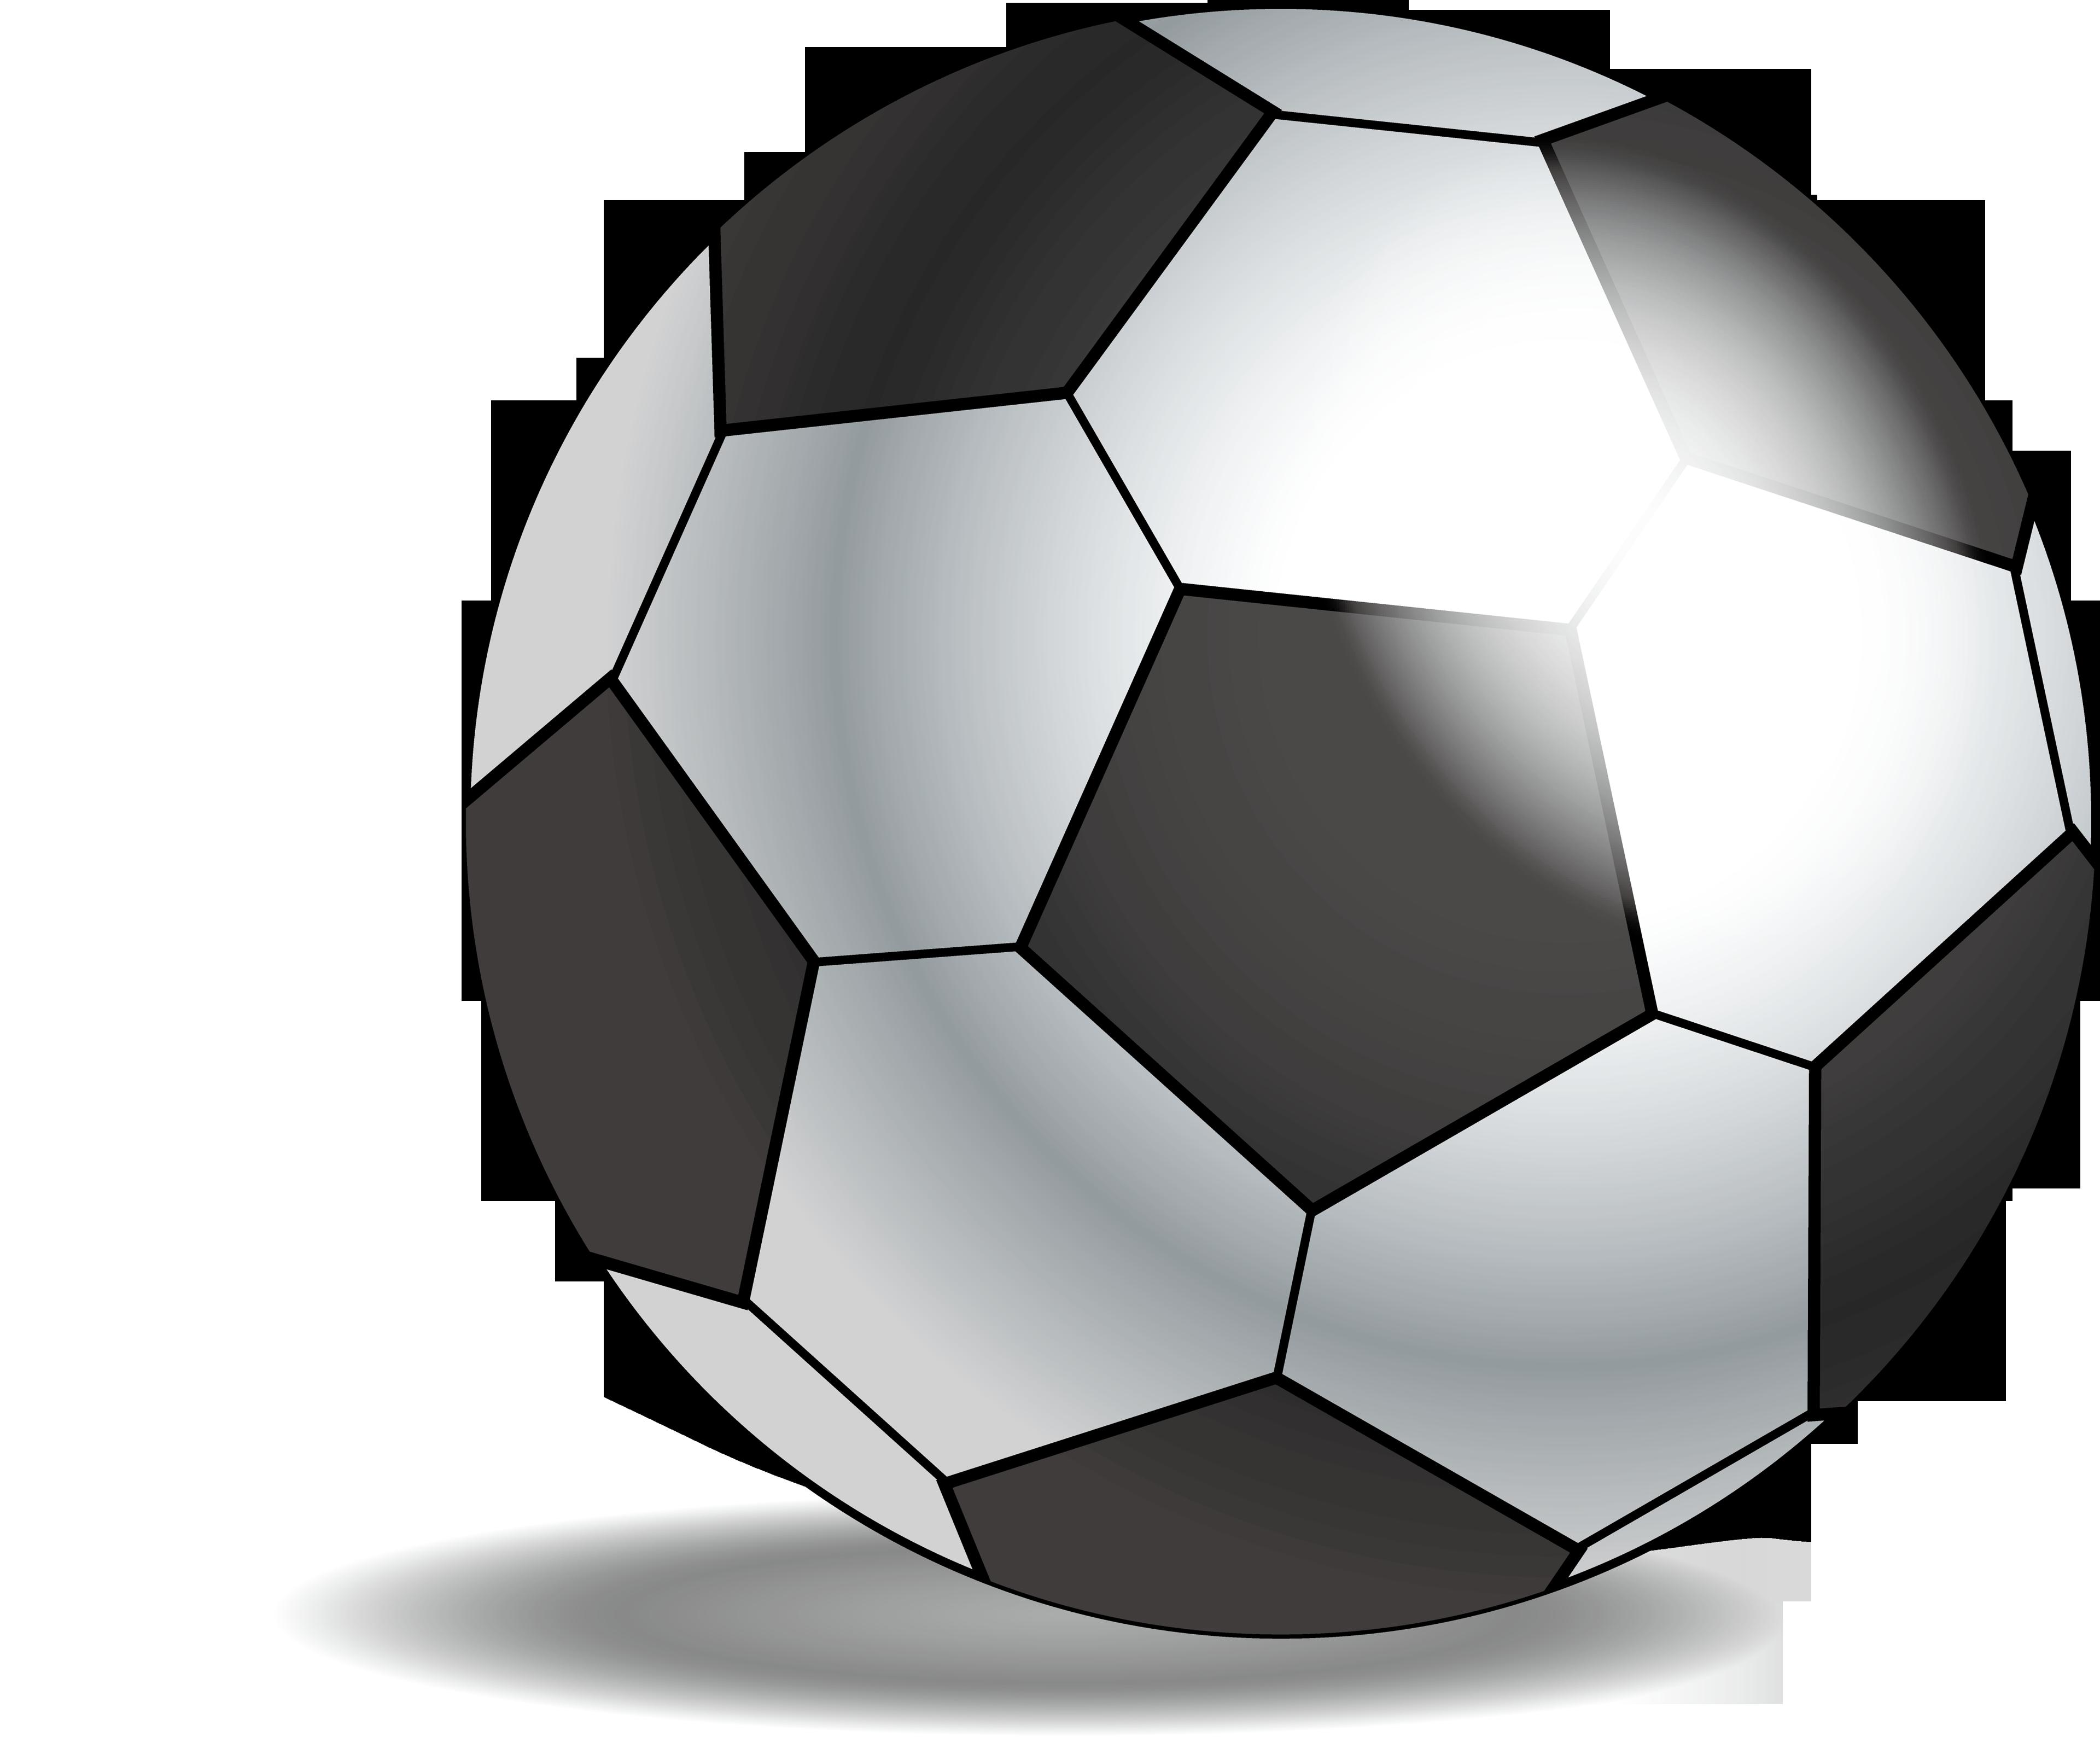 サッカー日本代表 ロシアワールドカップまでの主な日程